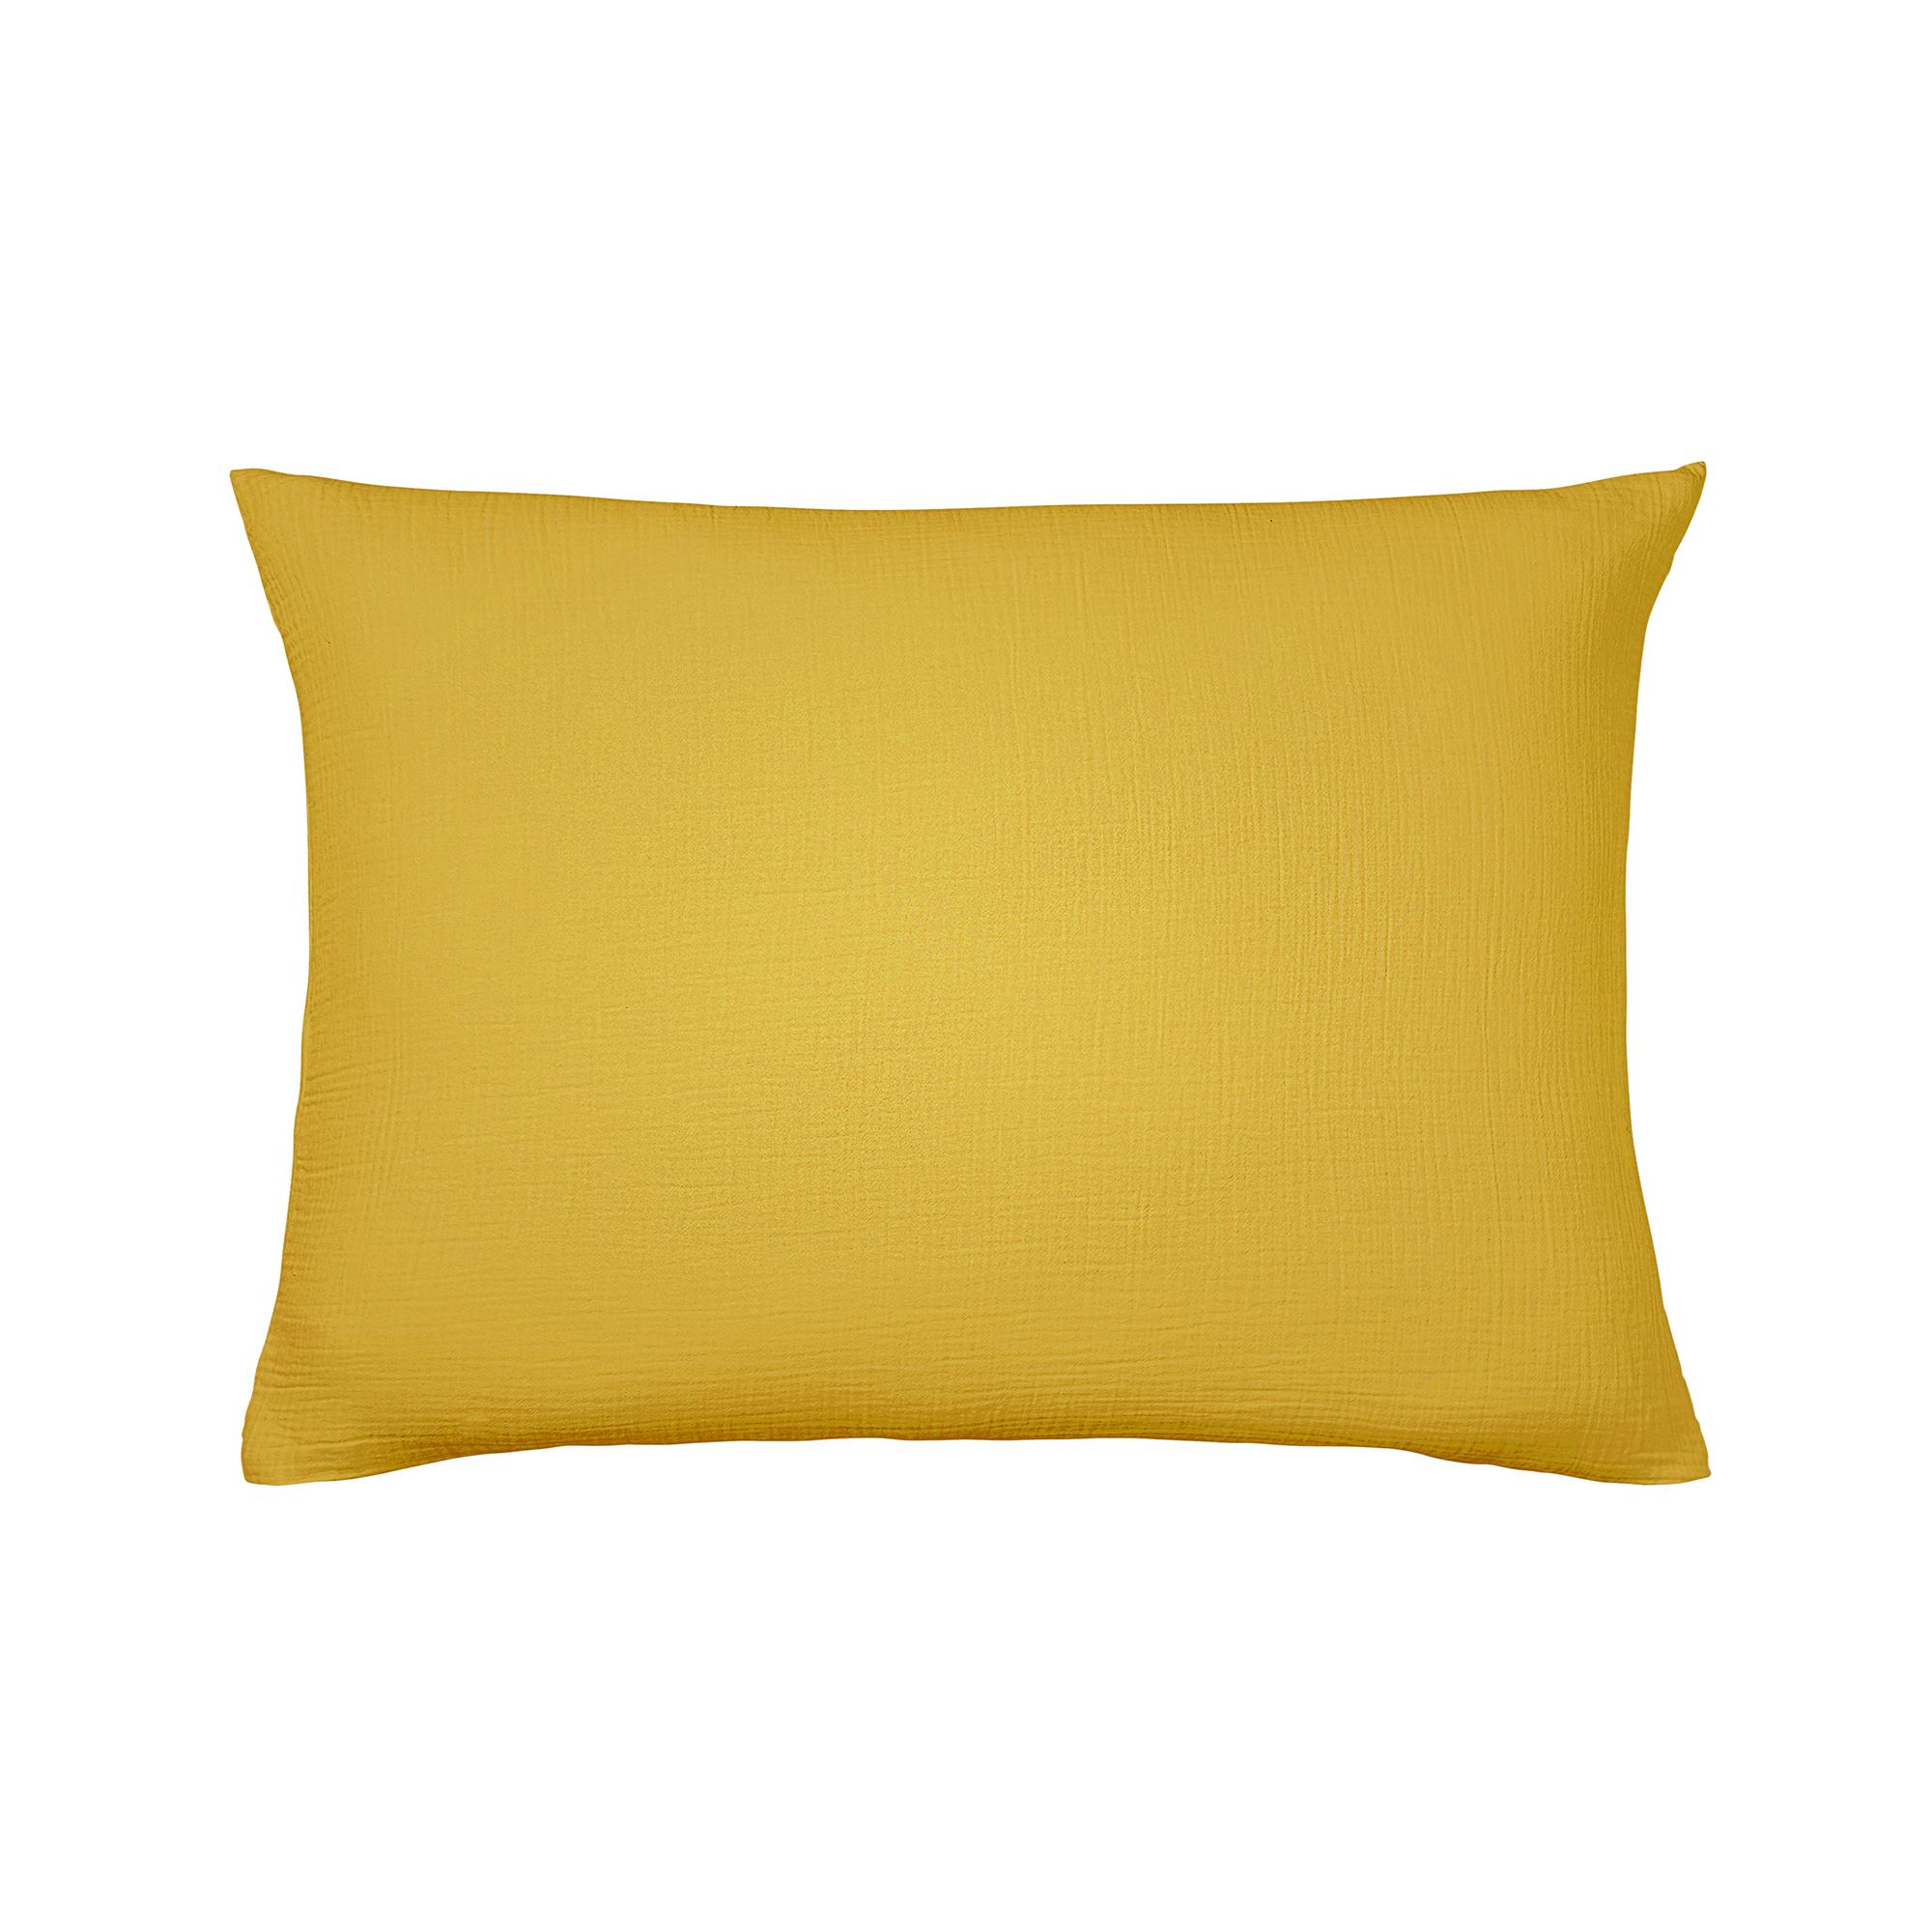 Taie d'oreiller unie en coton jaune 50x75